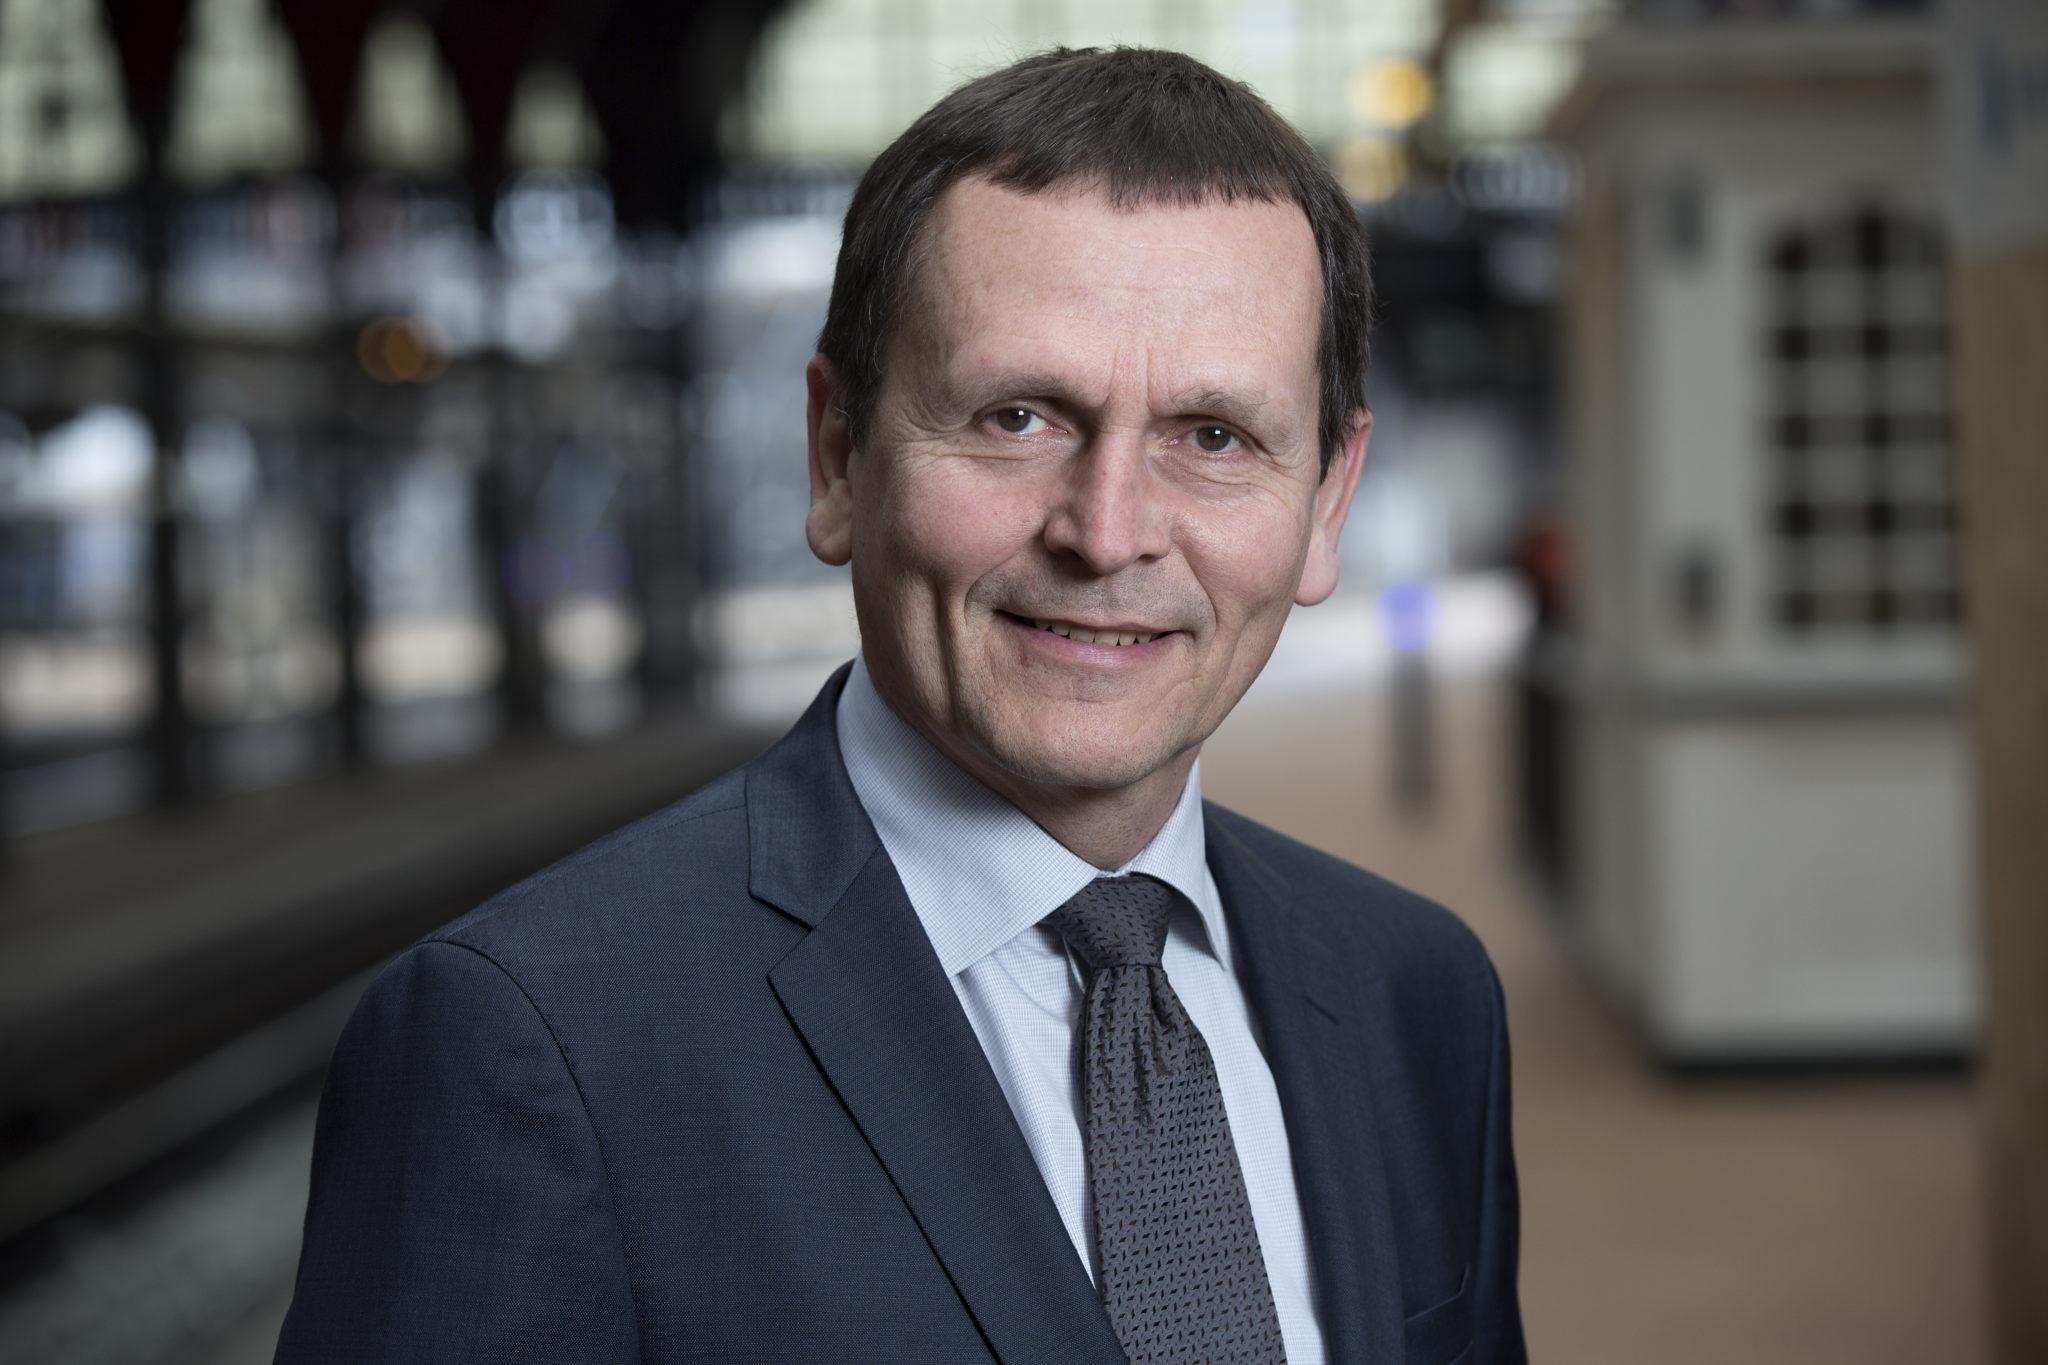 Adm Direktør Flemming Jensen - STANDBY.dk d58f8a1259